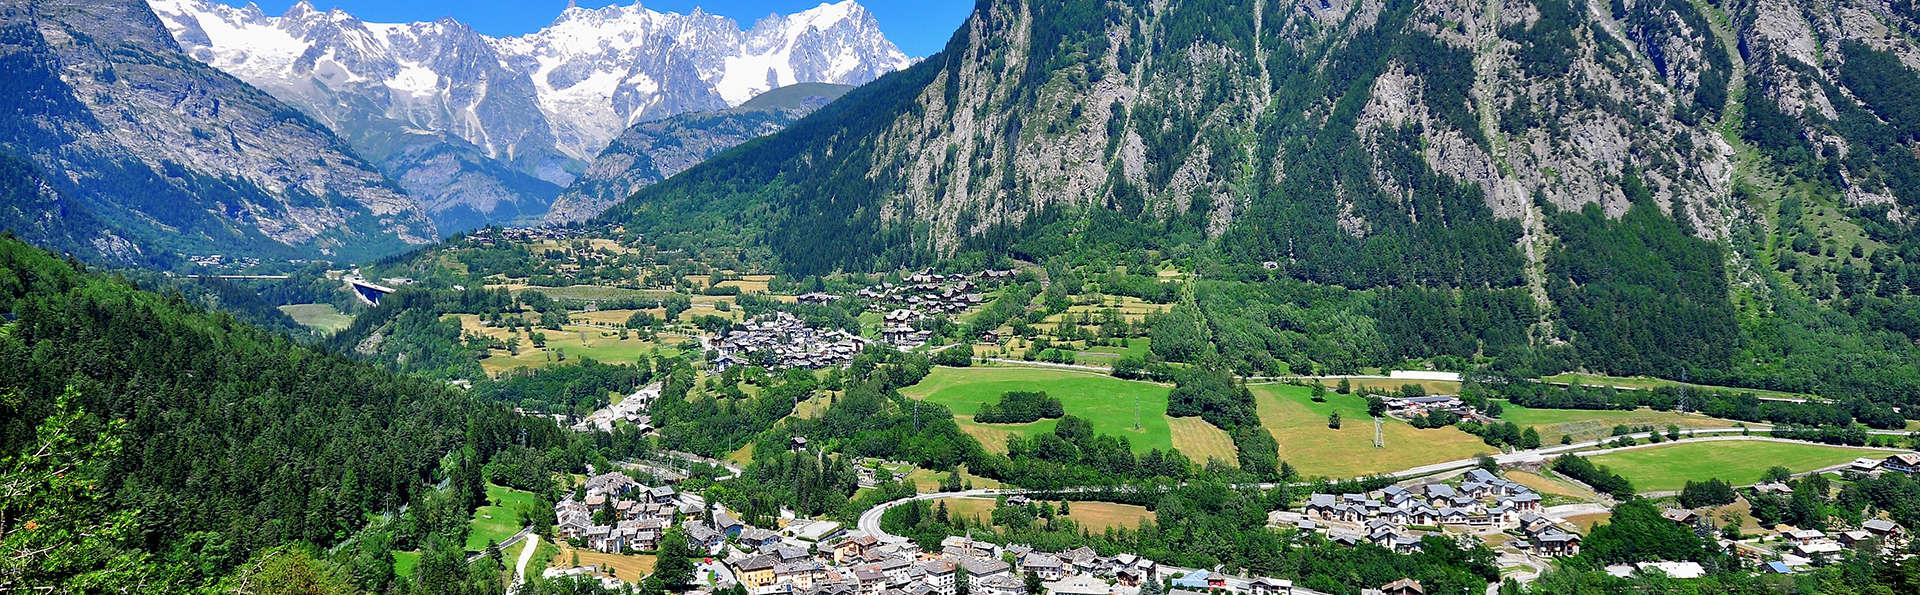 Entre les montagnes du Val d'Aoste au pied du Mont Blanc